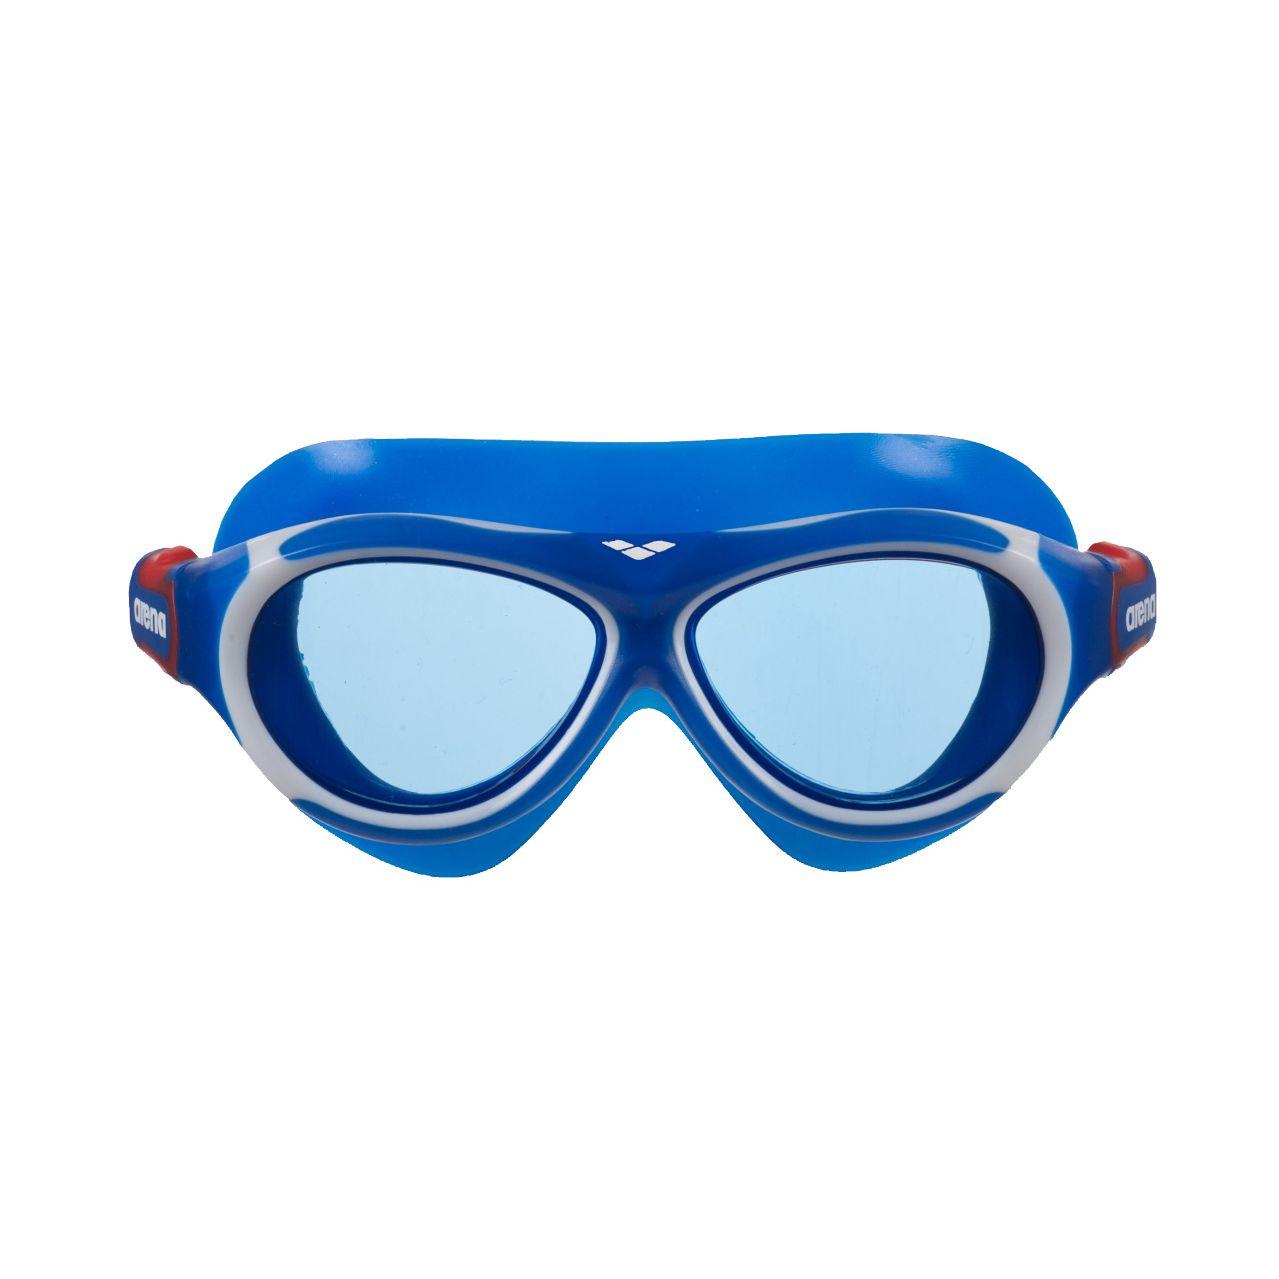 Goggles de Natación arena para Niños Oblo Junior_6781